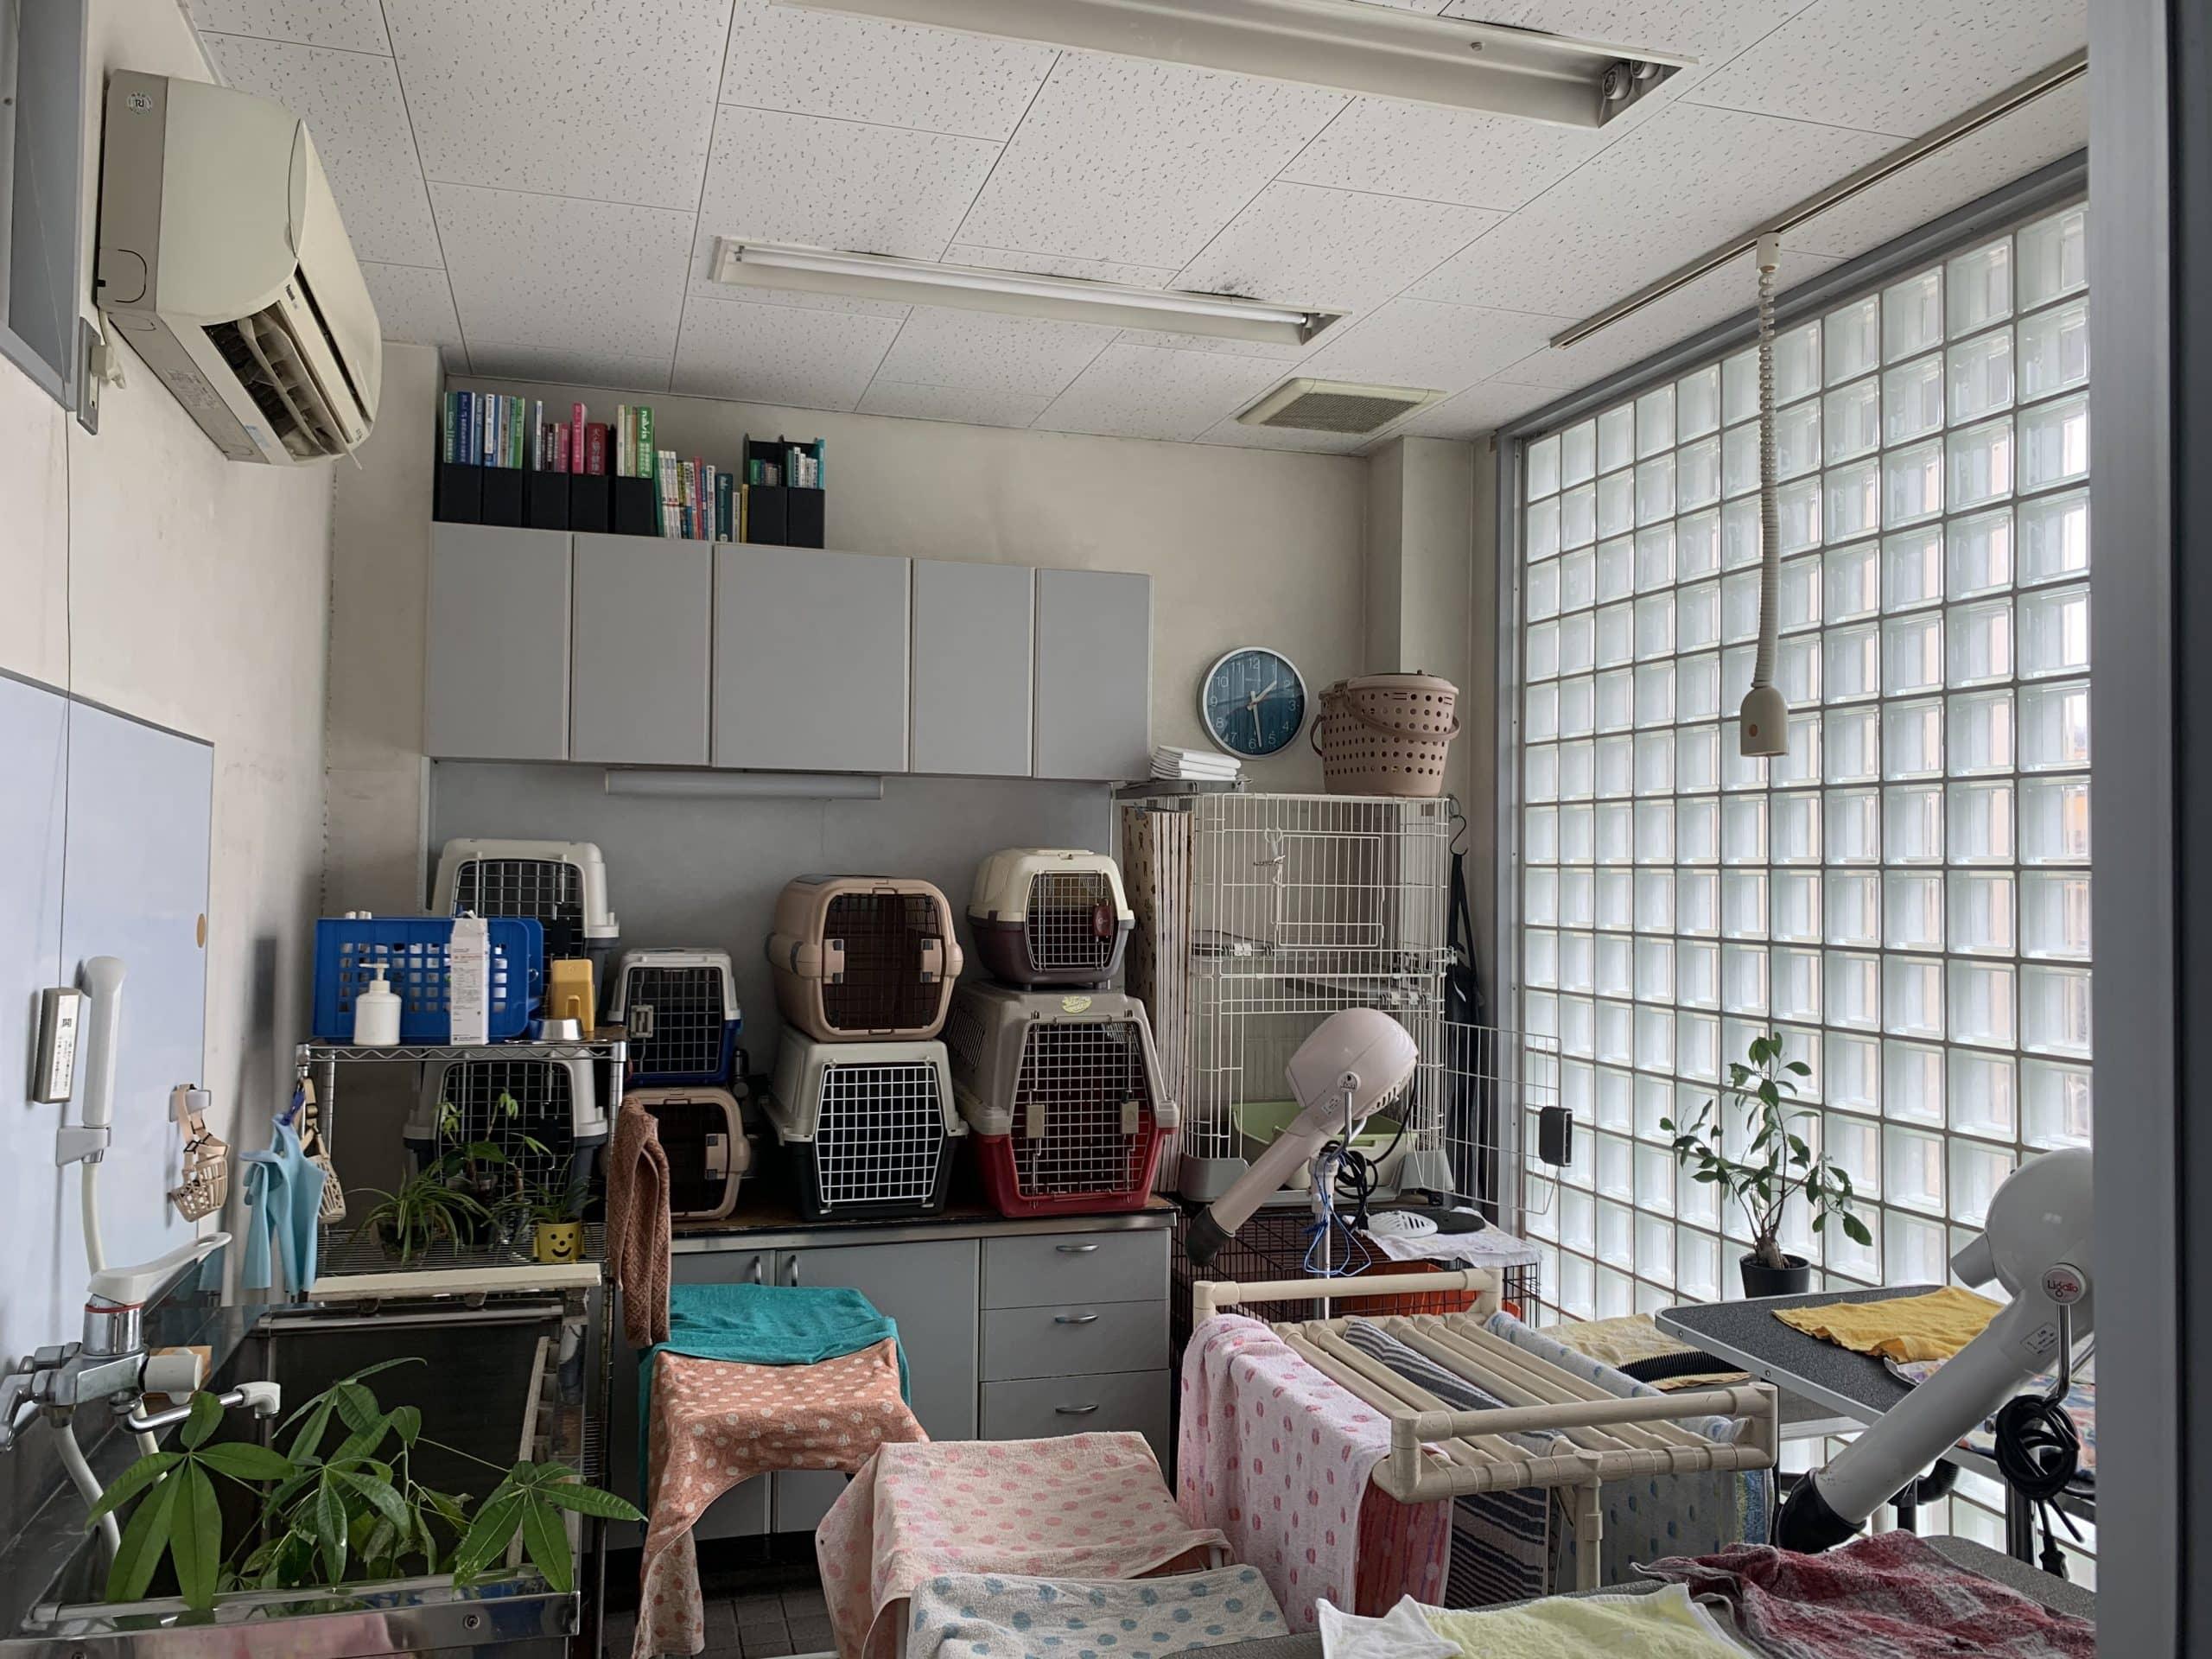 トリミング室 ひらた動物病院 広島